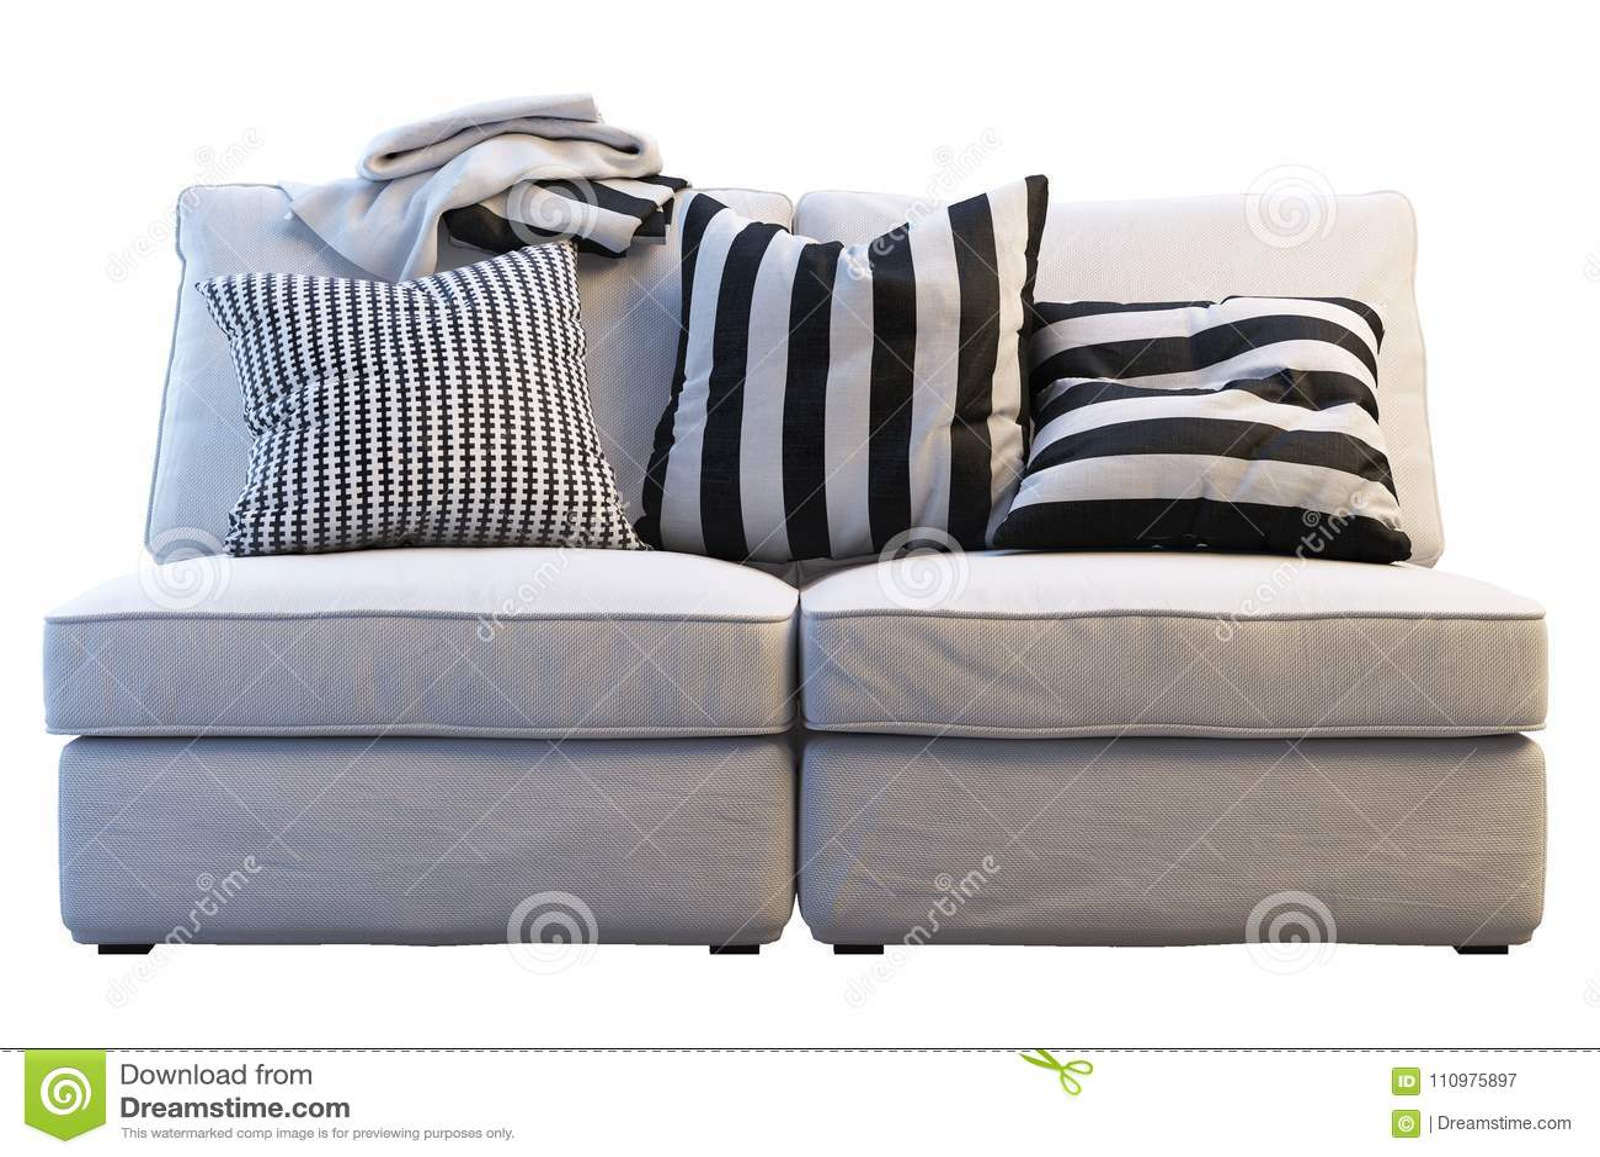 Manta Sofa Ikea.Sofa Do Kivik De Ikea Com Mantas E Descansos Imagem De Stock